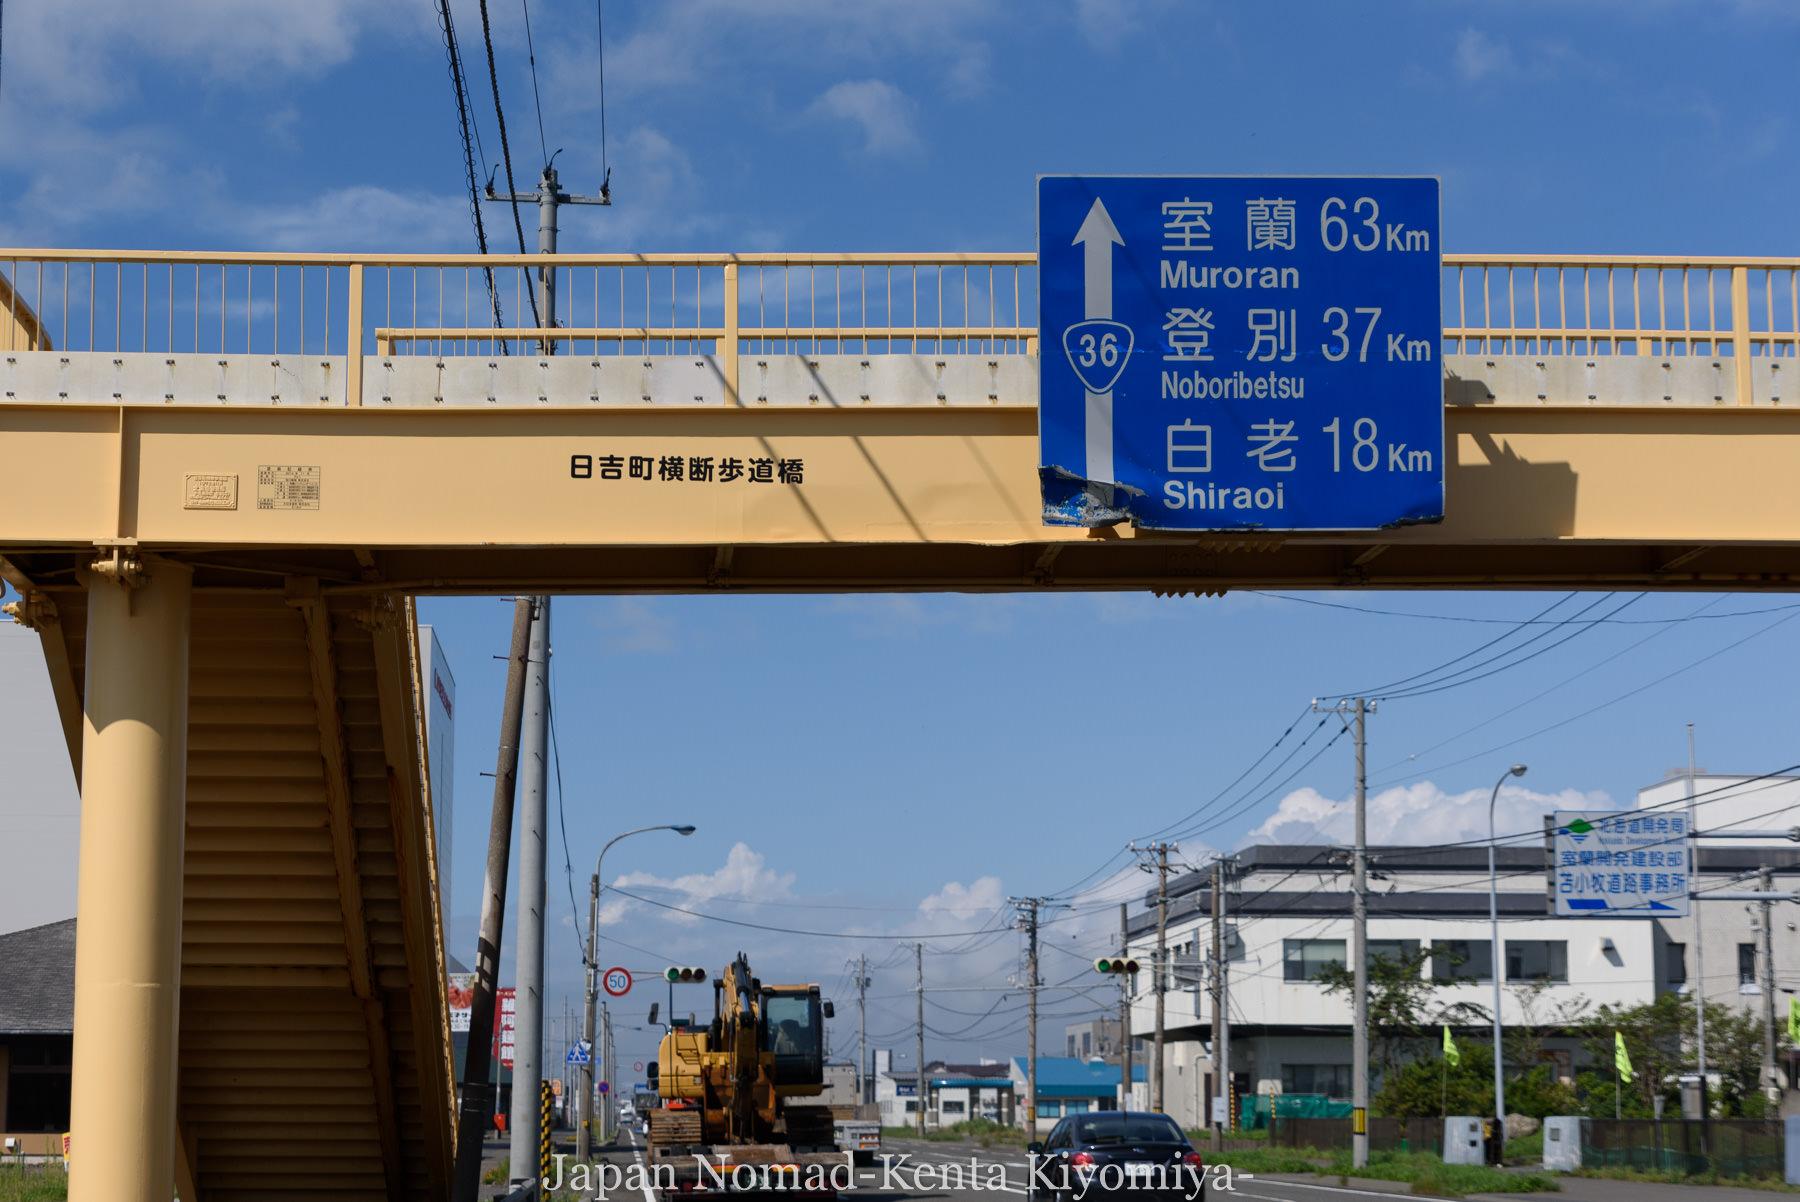 自転車日本一周114日目(地球岬、室蘭工場夜景)-Japan Nomad (3)